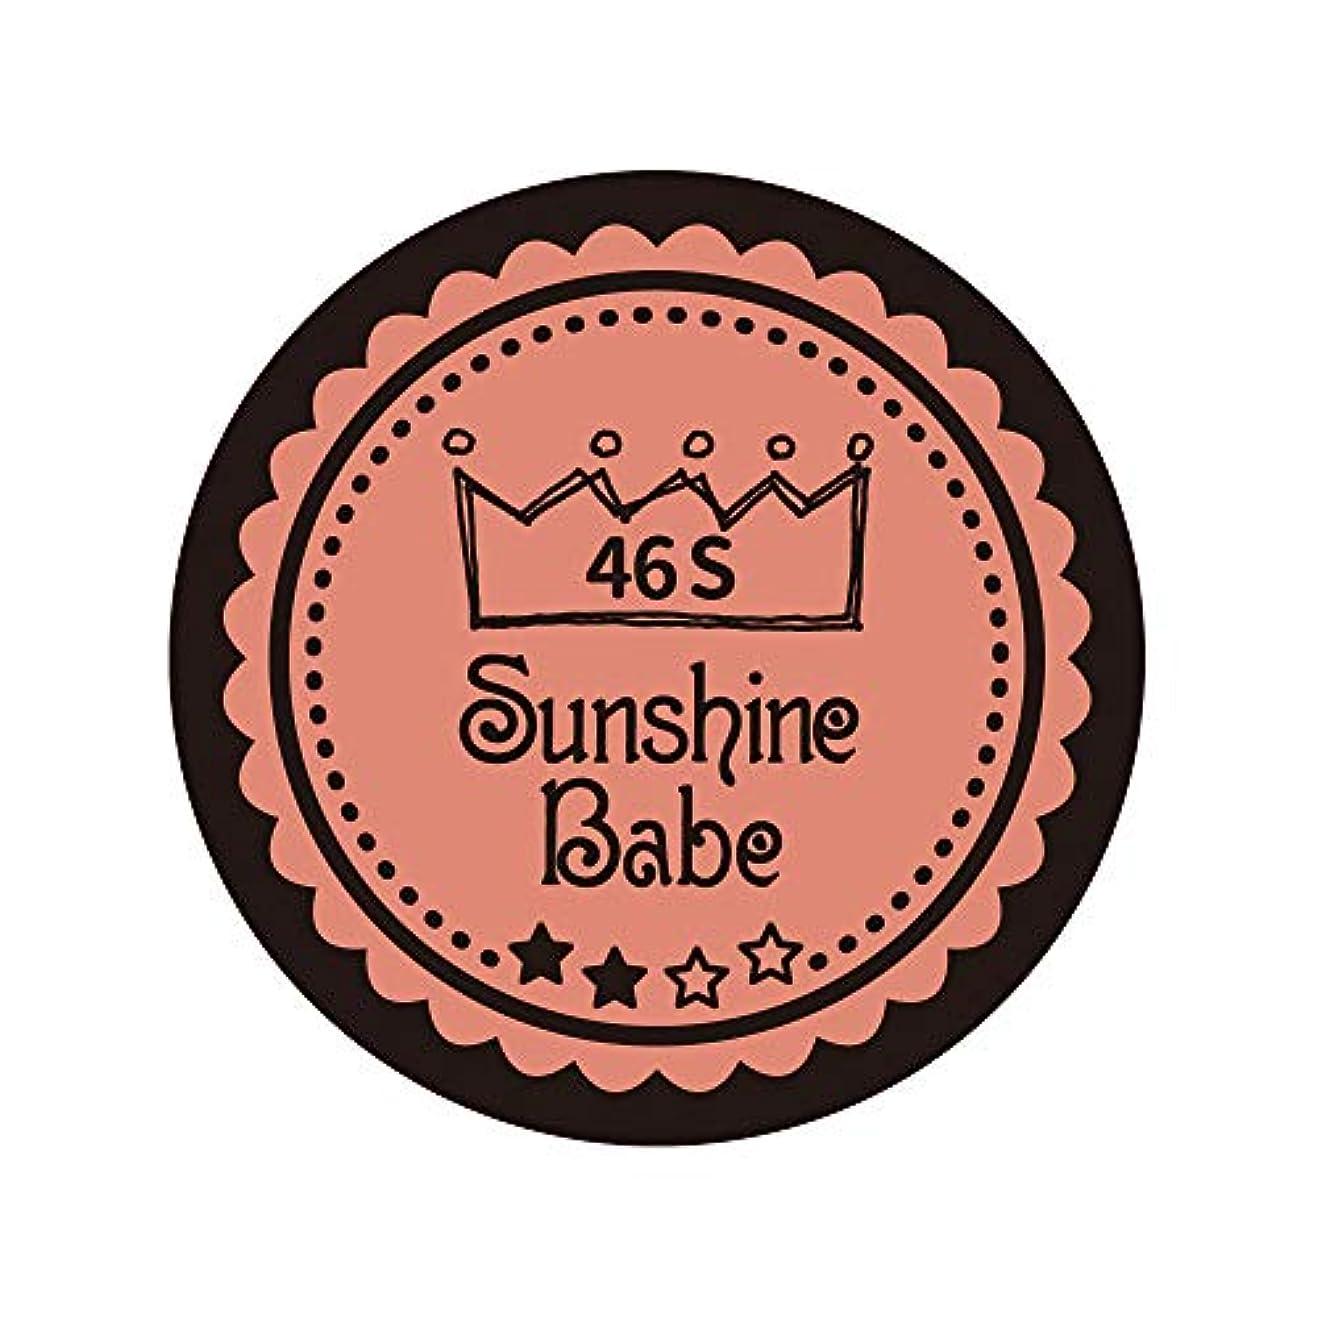 降下是正する会計Sunshine Babe カラージェル 46S ピンクベージュ 4g UV/LED対応